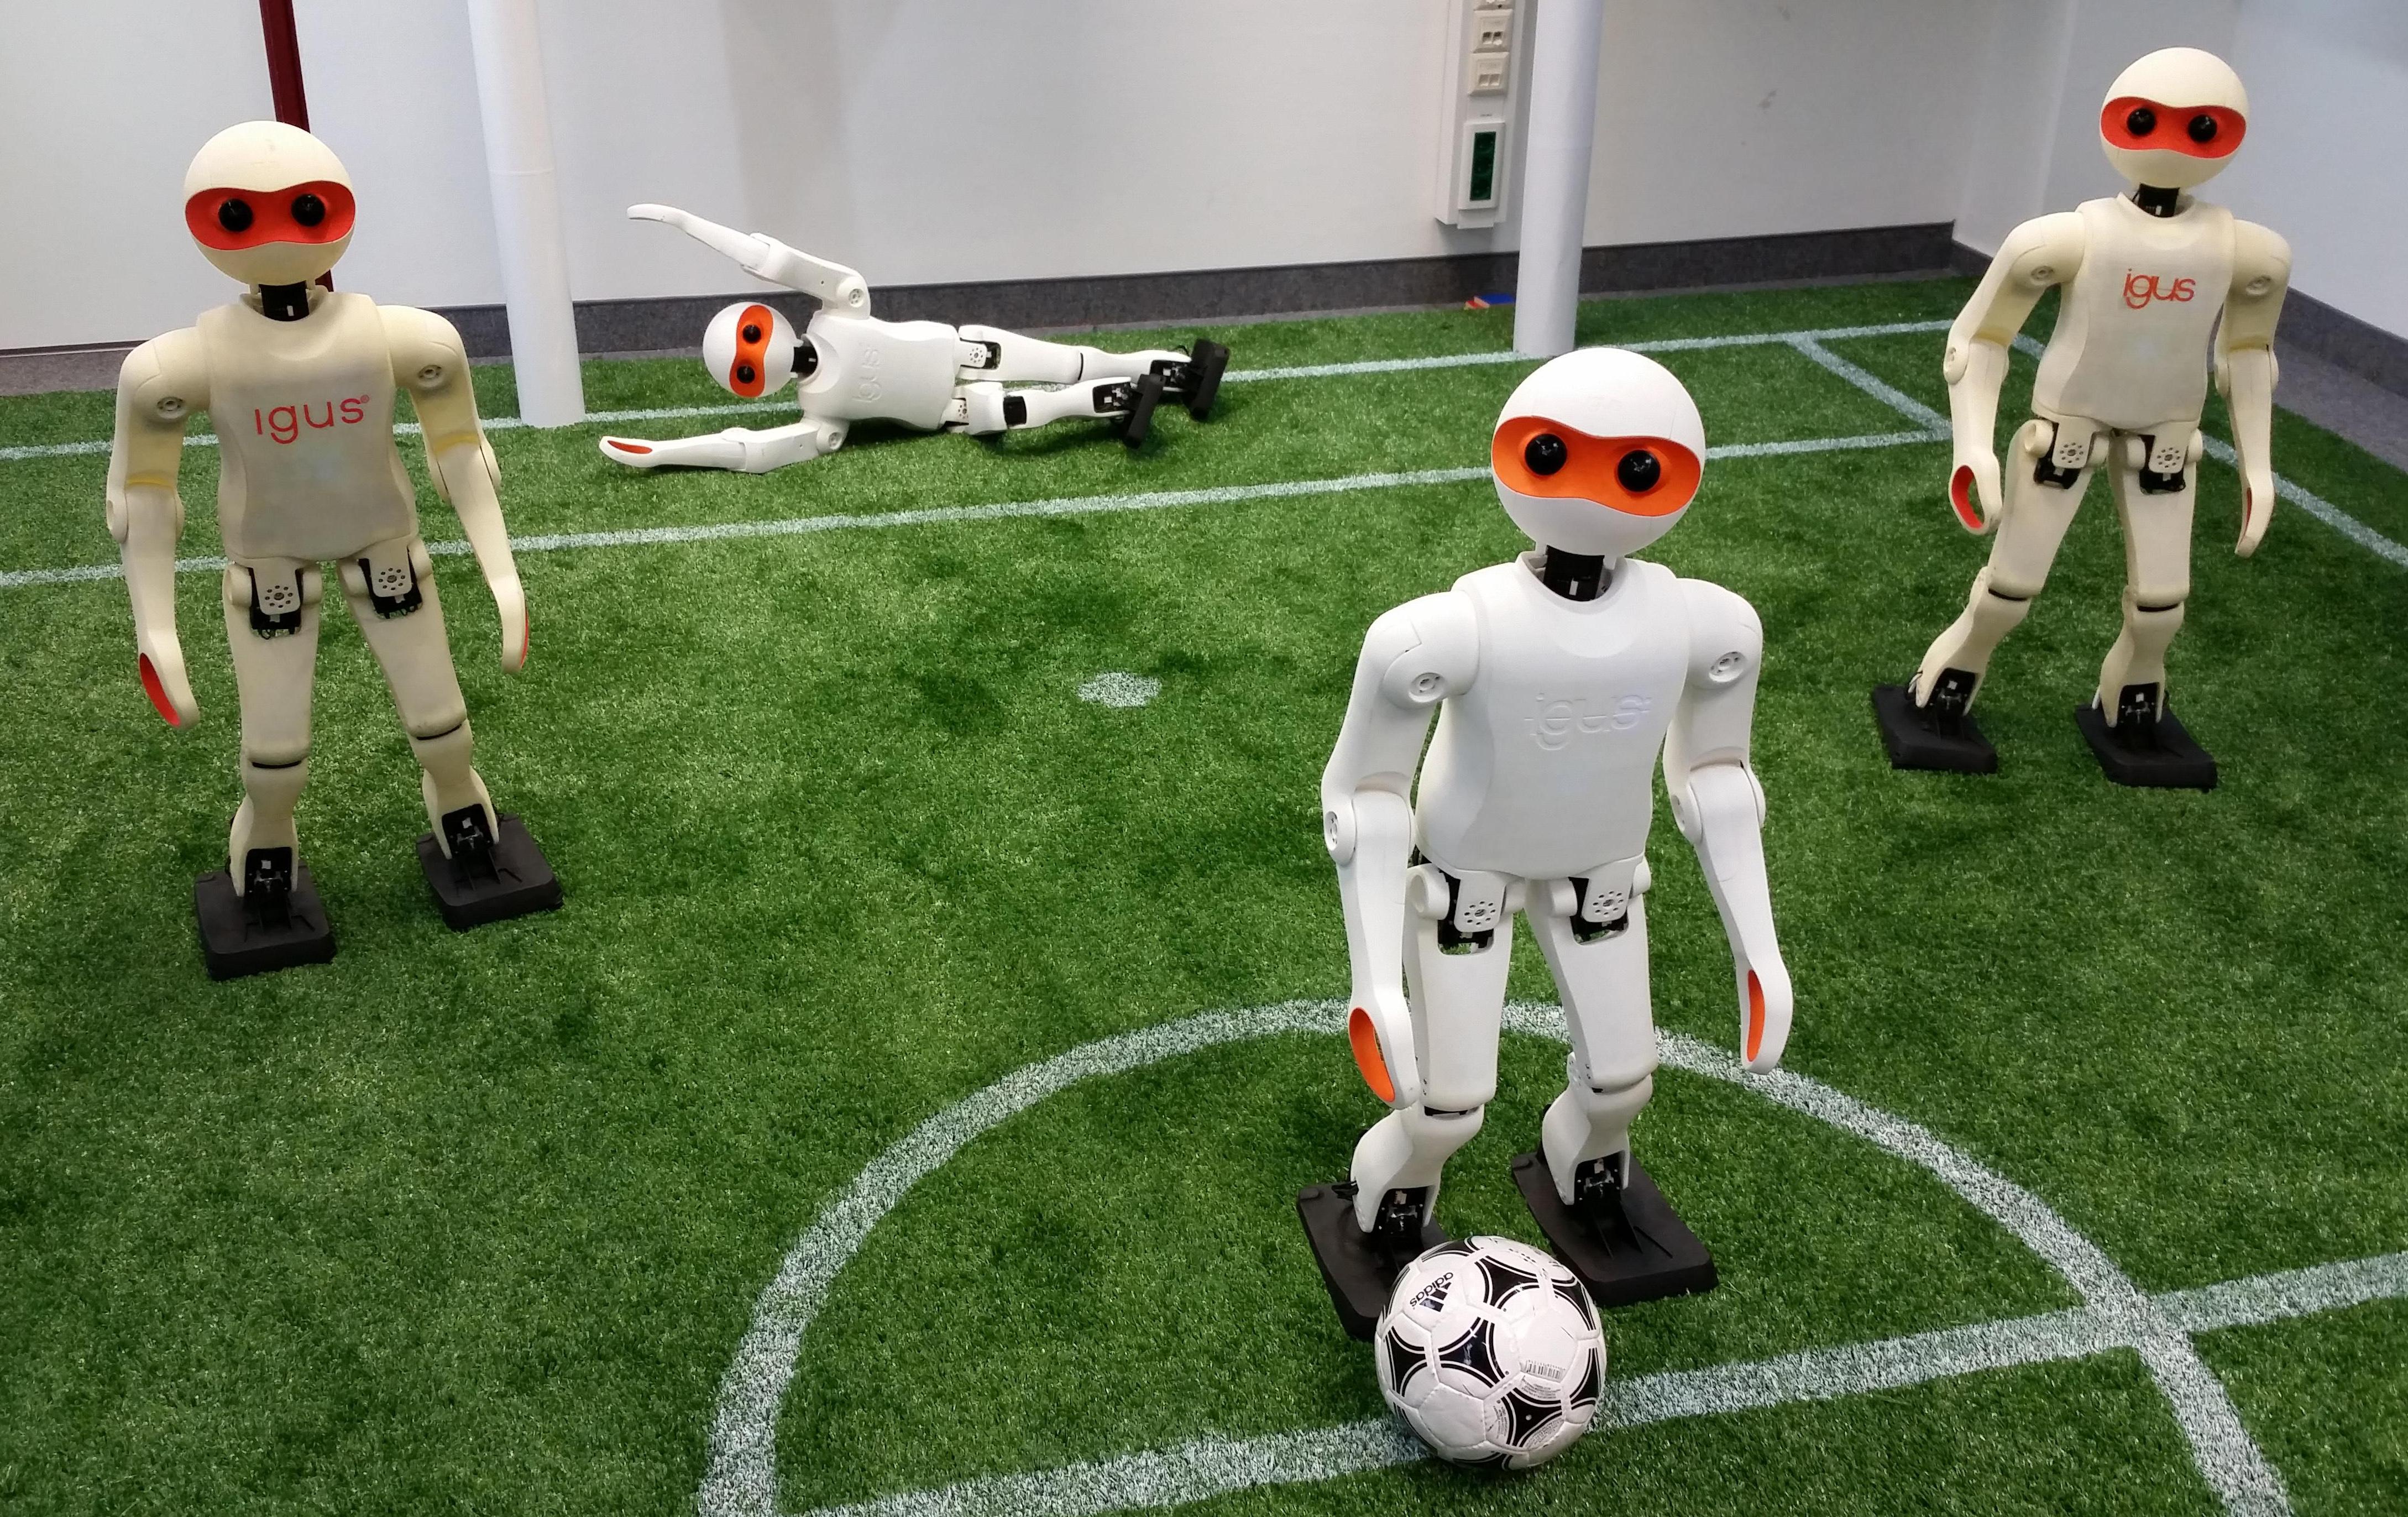 robot automat cu opțiune binară